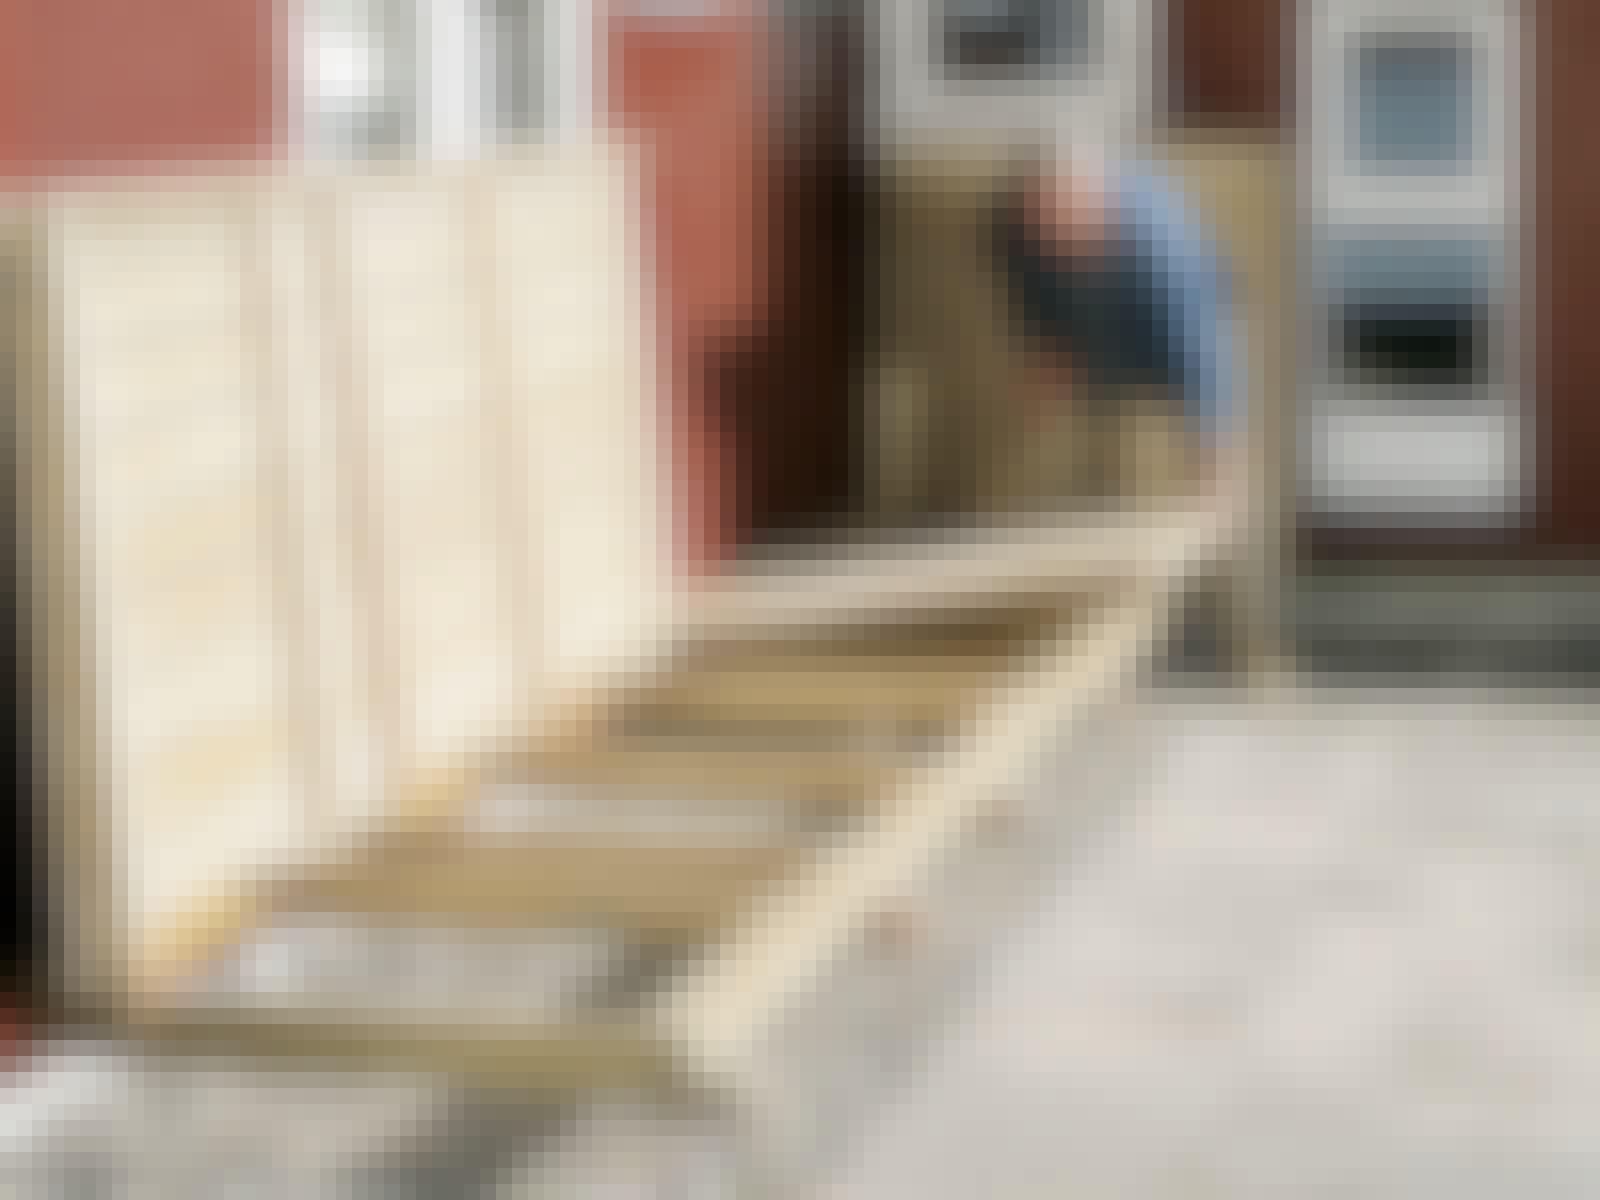 Træterrasse på fliser: Gem terrassen af vejen